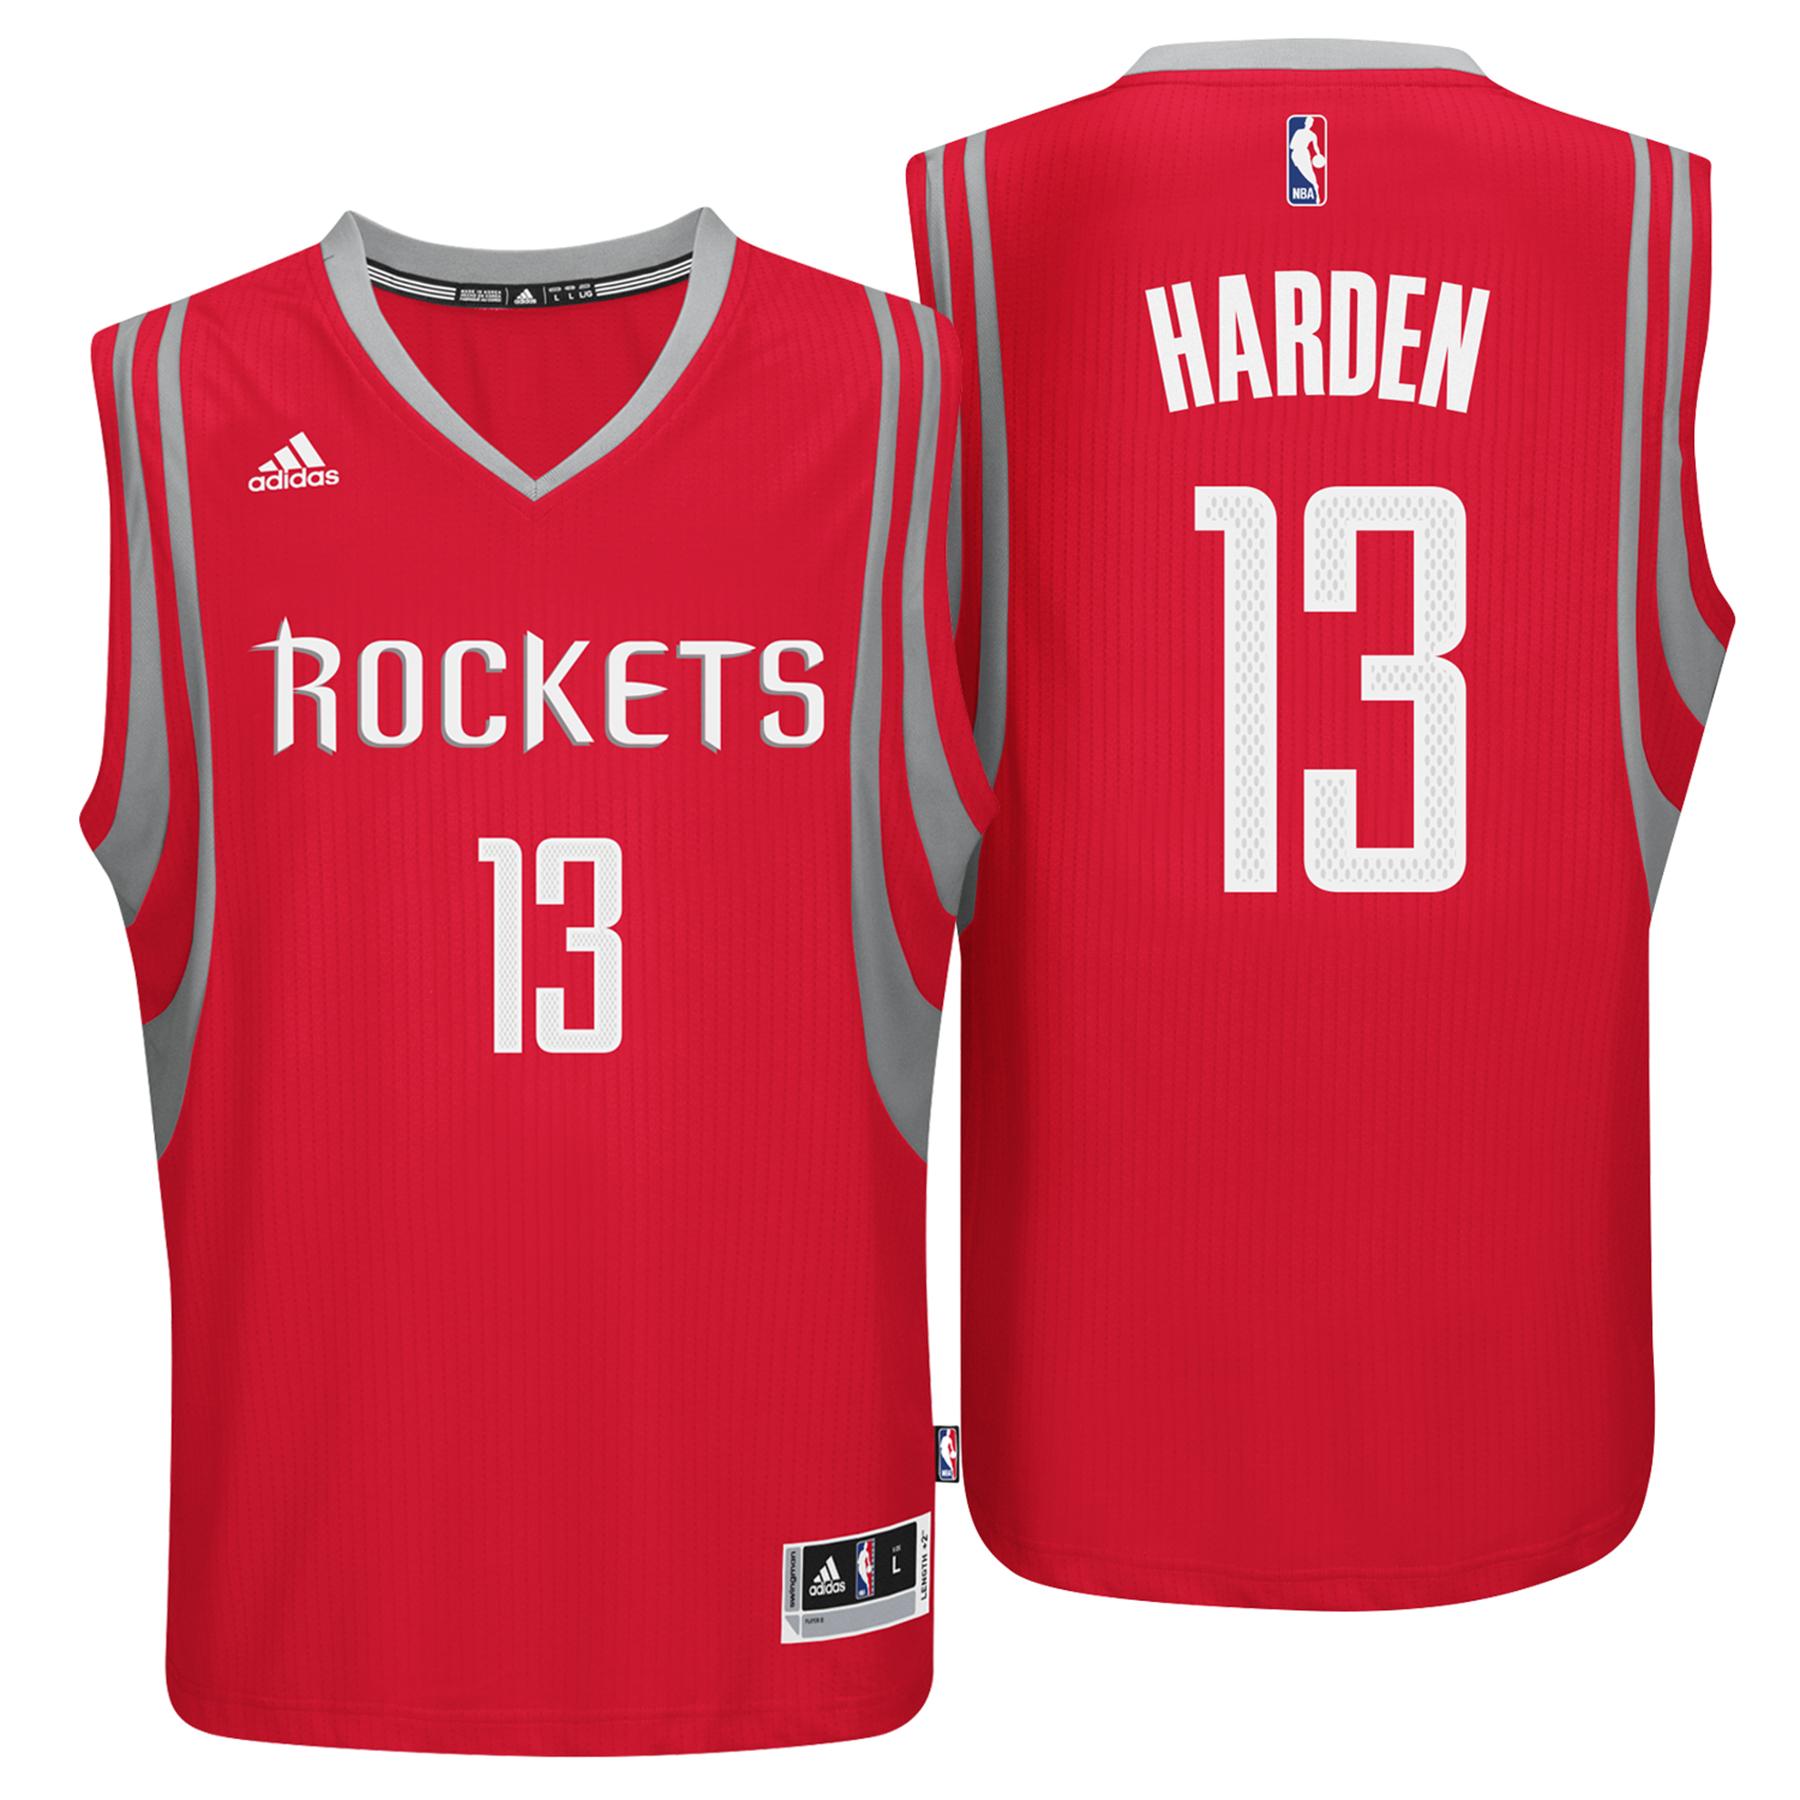 Houston Rockets Road Swingman Jersey - James Harden - Youths